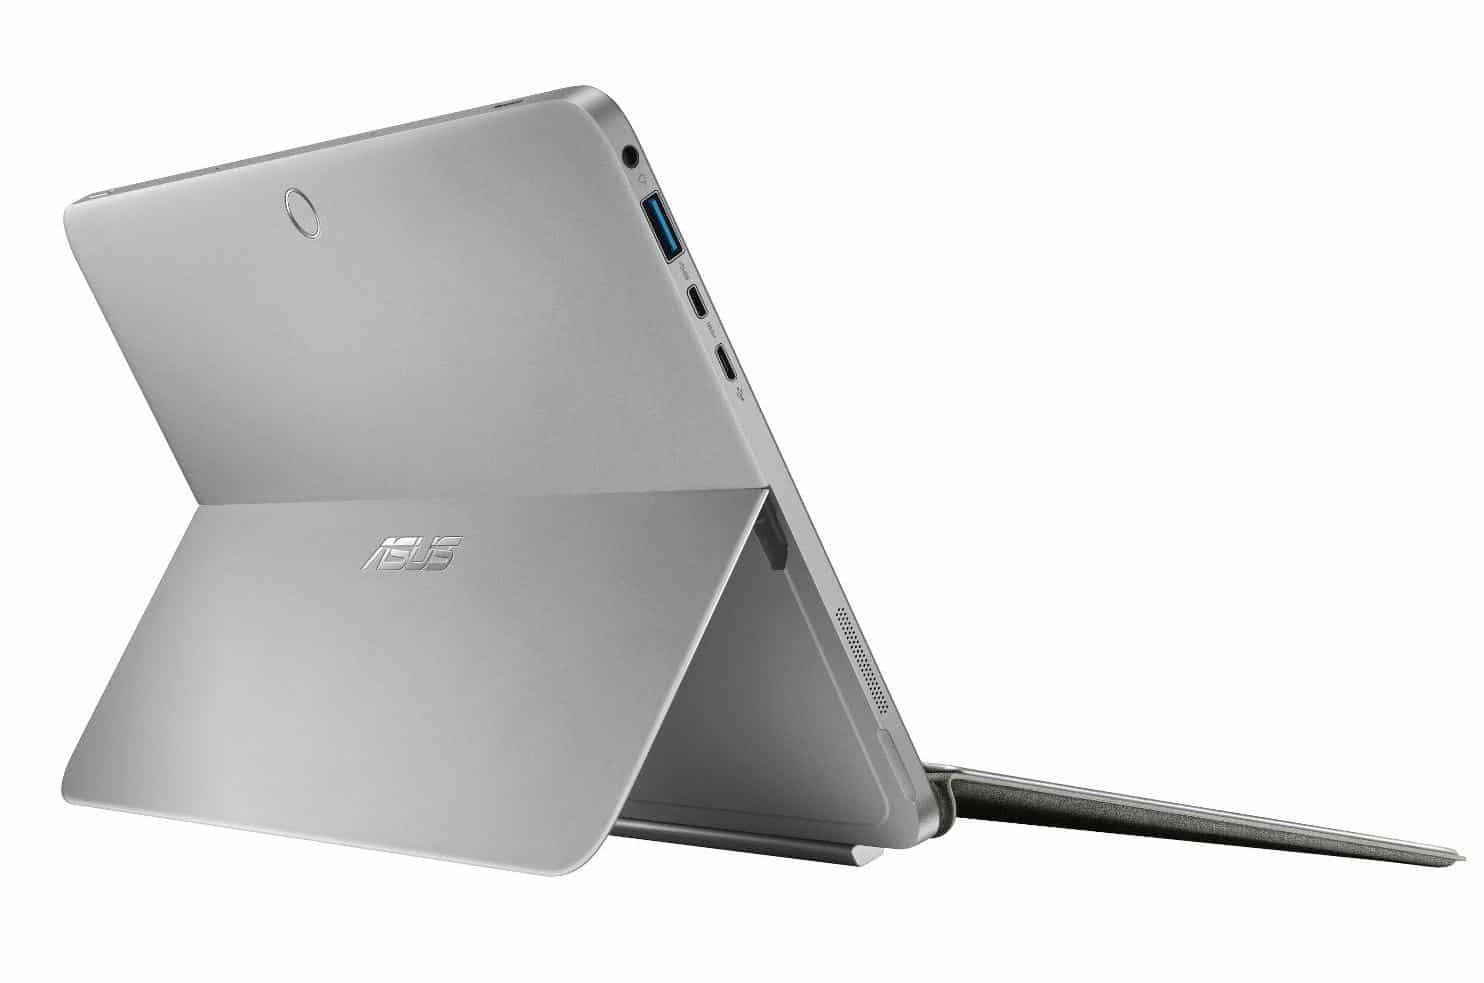 """Asus Transformer Mini T102HA-GR036T, tablette 10"""" dock IPS SSD à (299€)"""